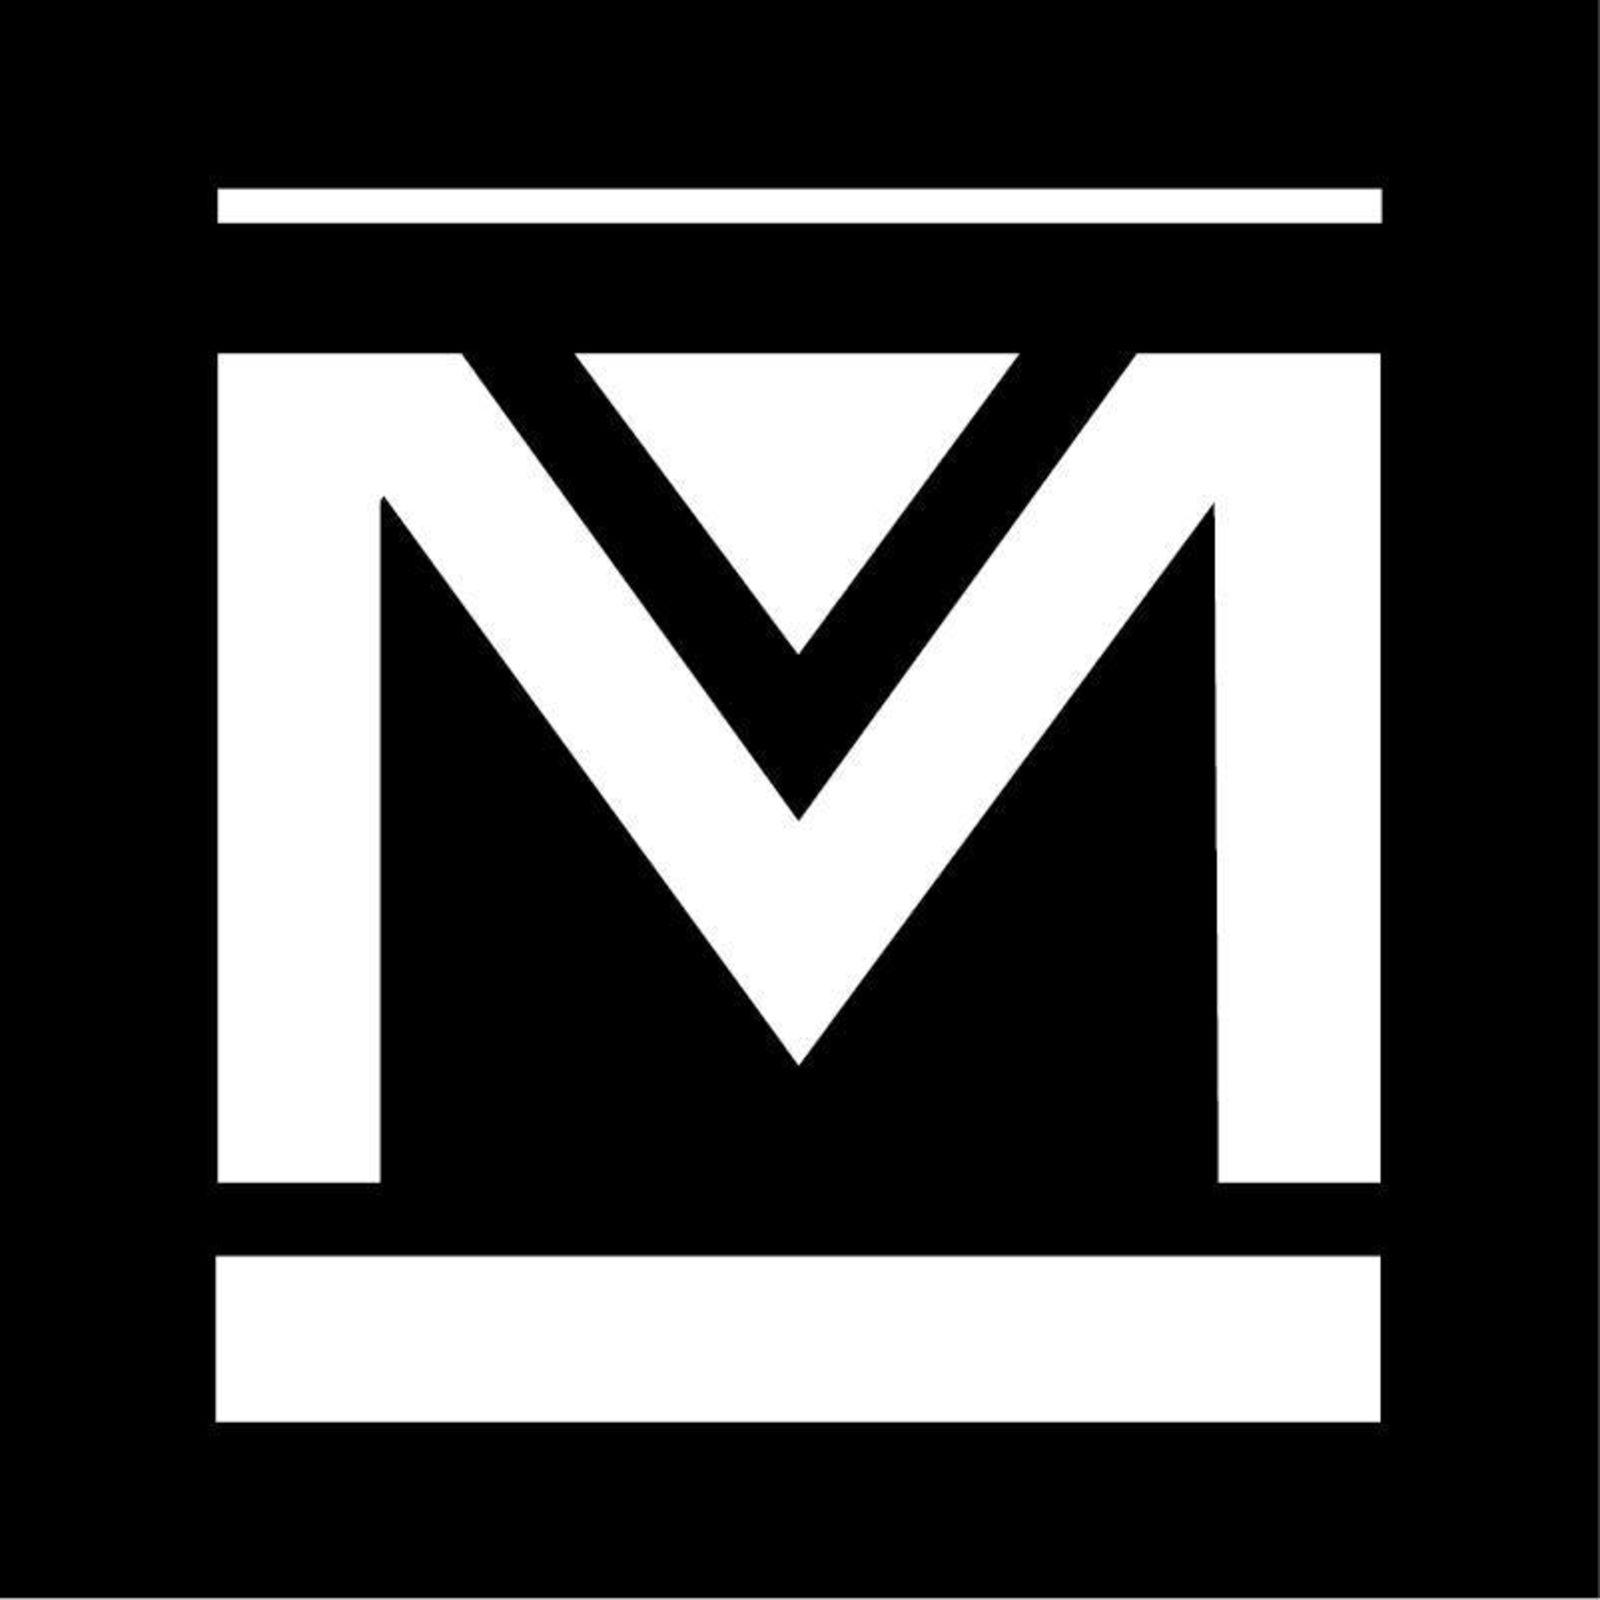 MUNOMAN